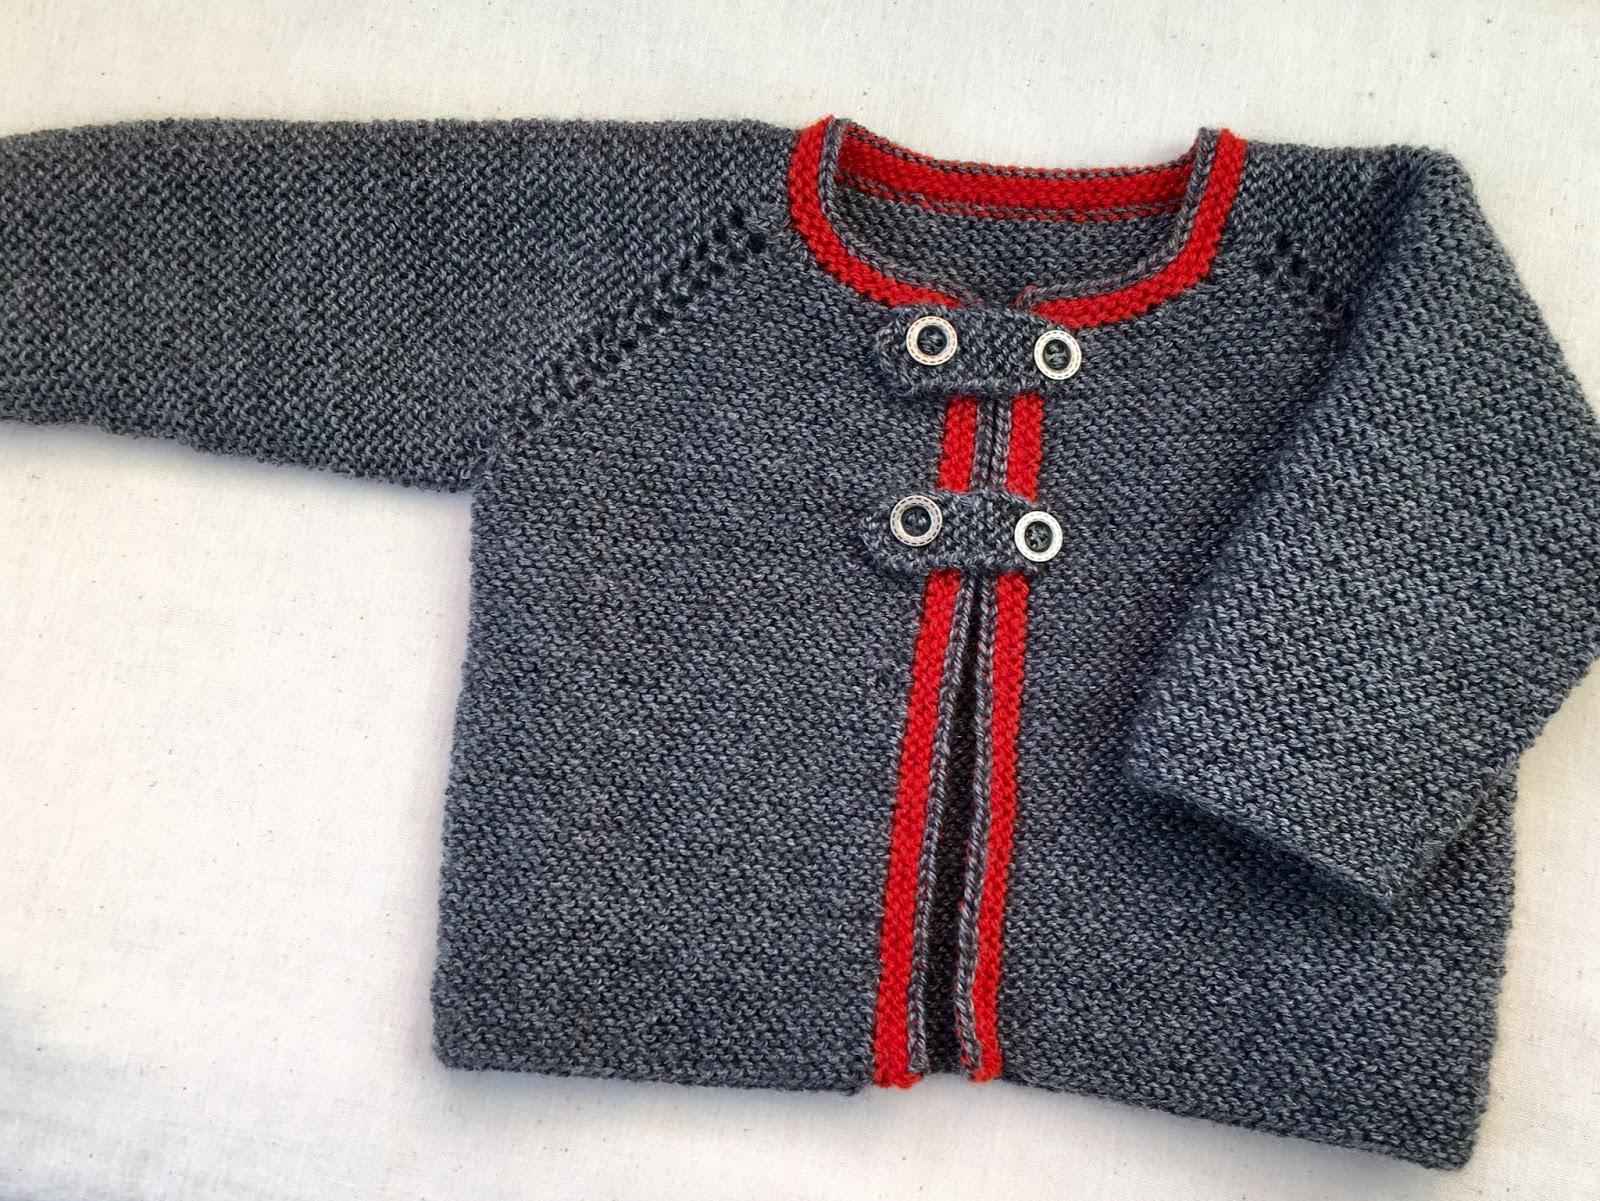 Chaqueta austriaca beb punto dos agujas - Tejer chaqueta bebe 6 meses ...